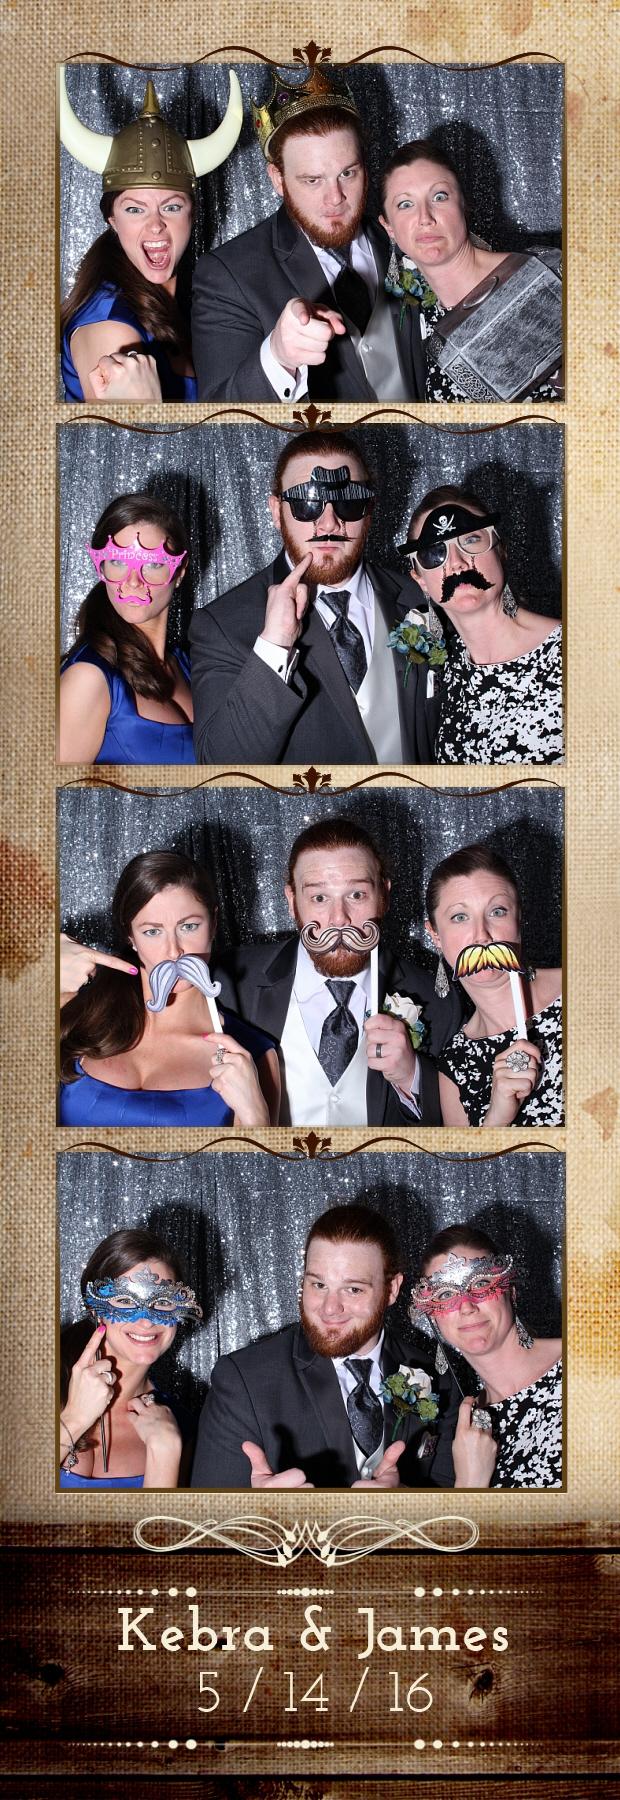 Kebra & Jimmers Wedding 5/14/16